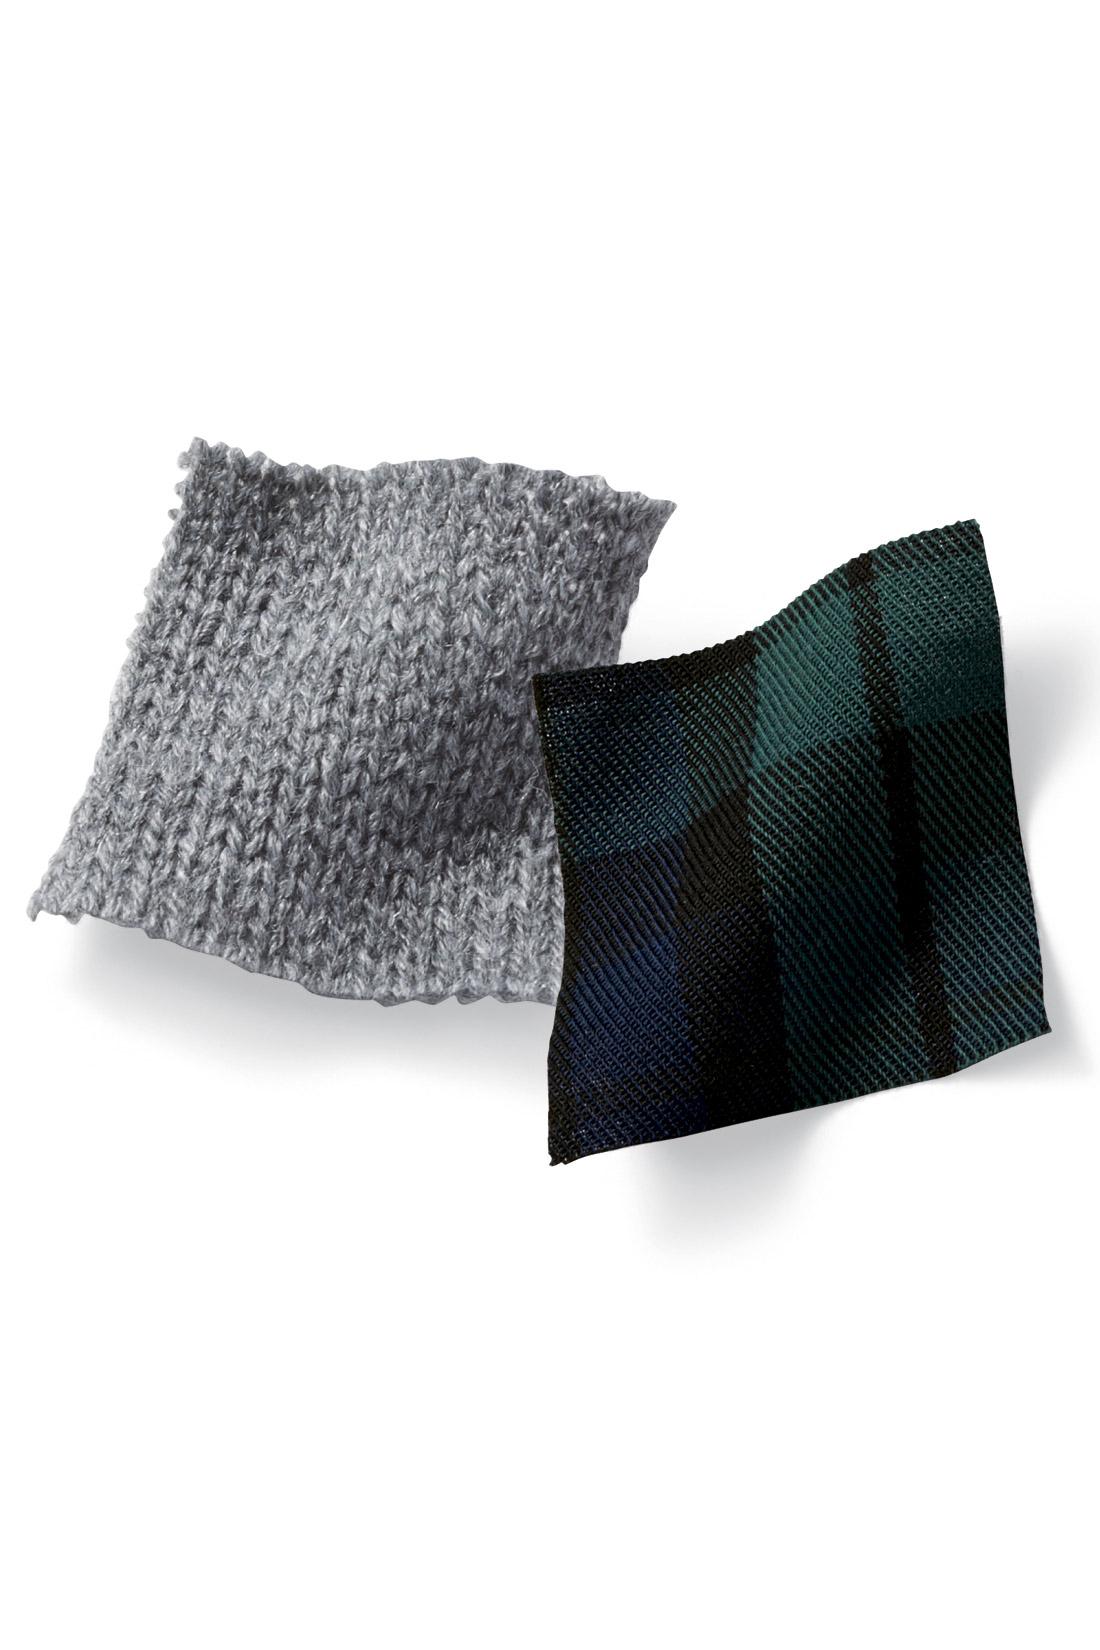 薄手のコットンシャツ部分は、ニットの色に合わせて大人っぽい柄をセレクト。 ※お届けするカラーとは異なります。